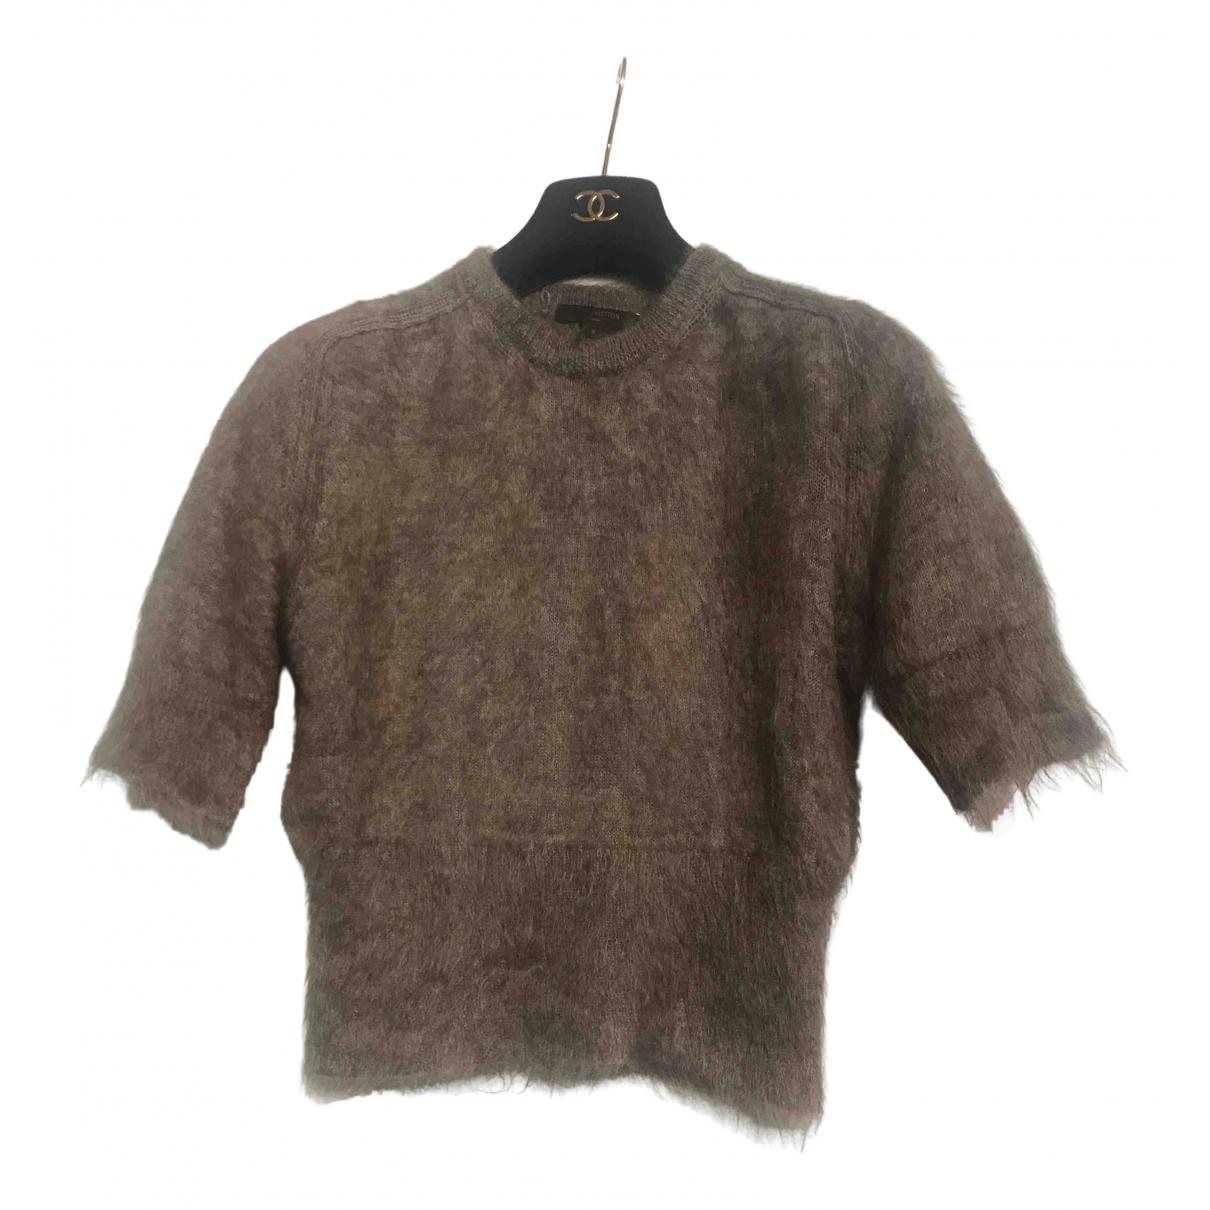 Louis Vuitton \N Beige Wool Knitwear for Women S International